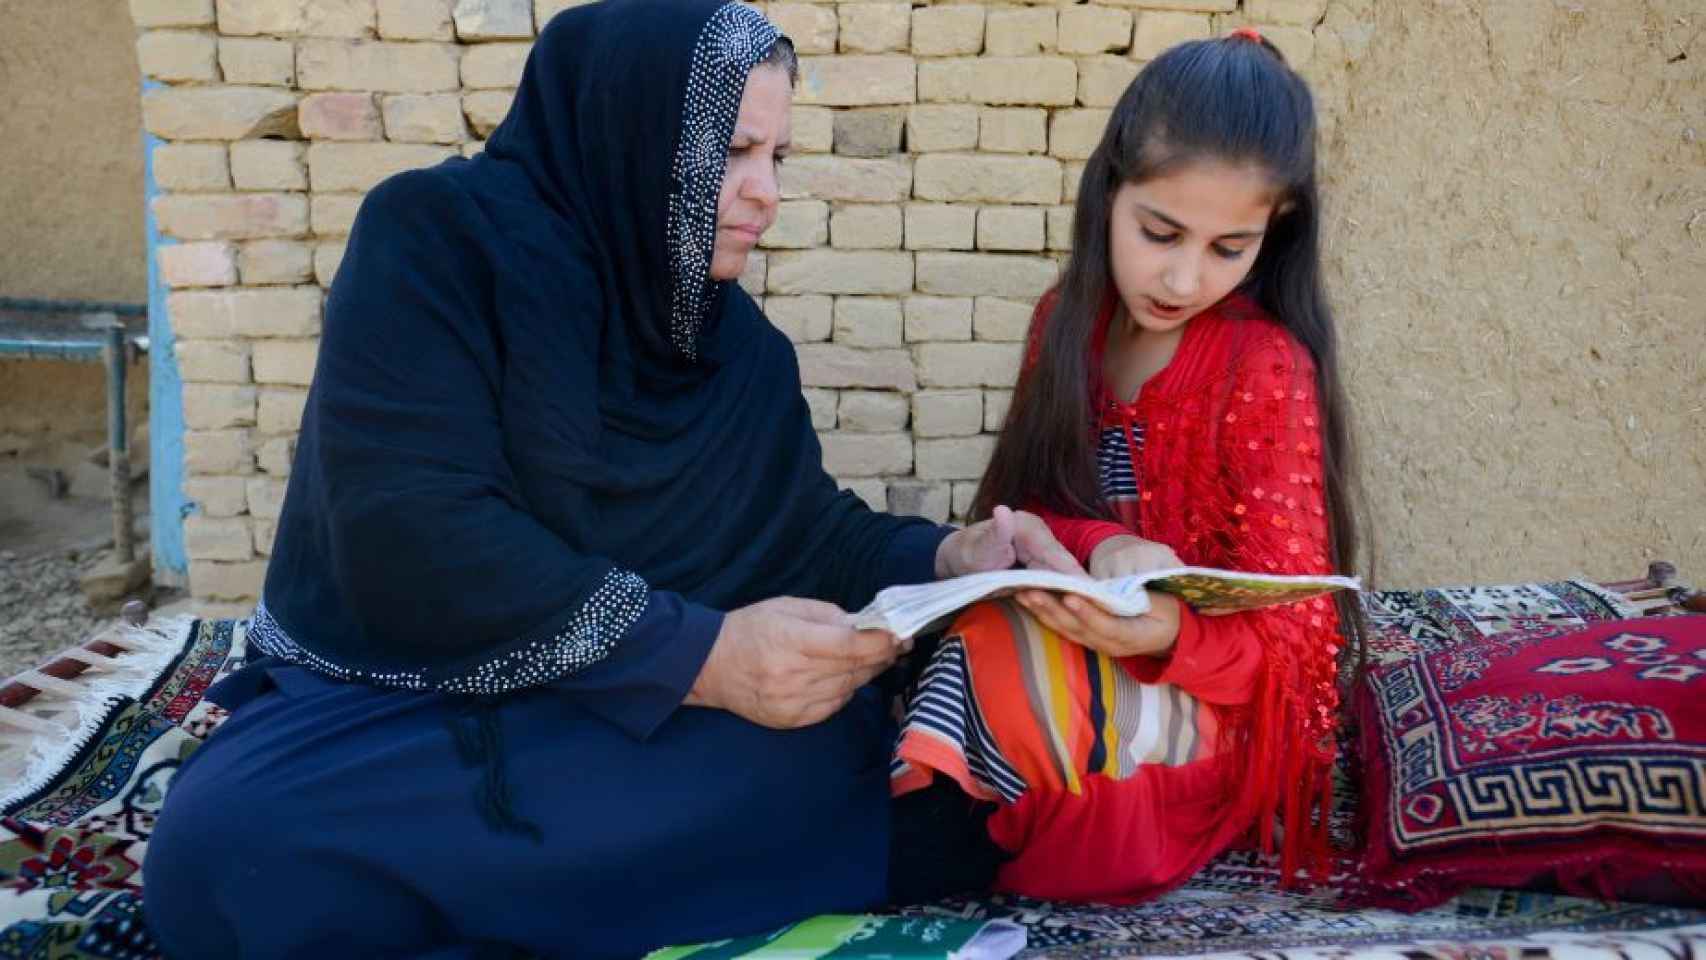 La profesora afgana Aqeela Asifi ayuda con los deberes a su hija pequeña Sawera.